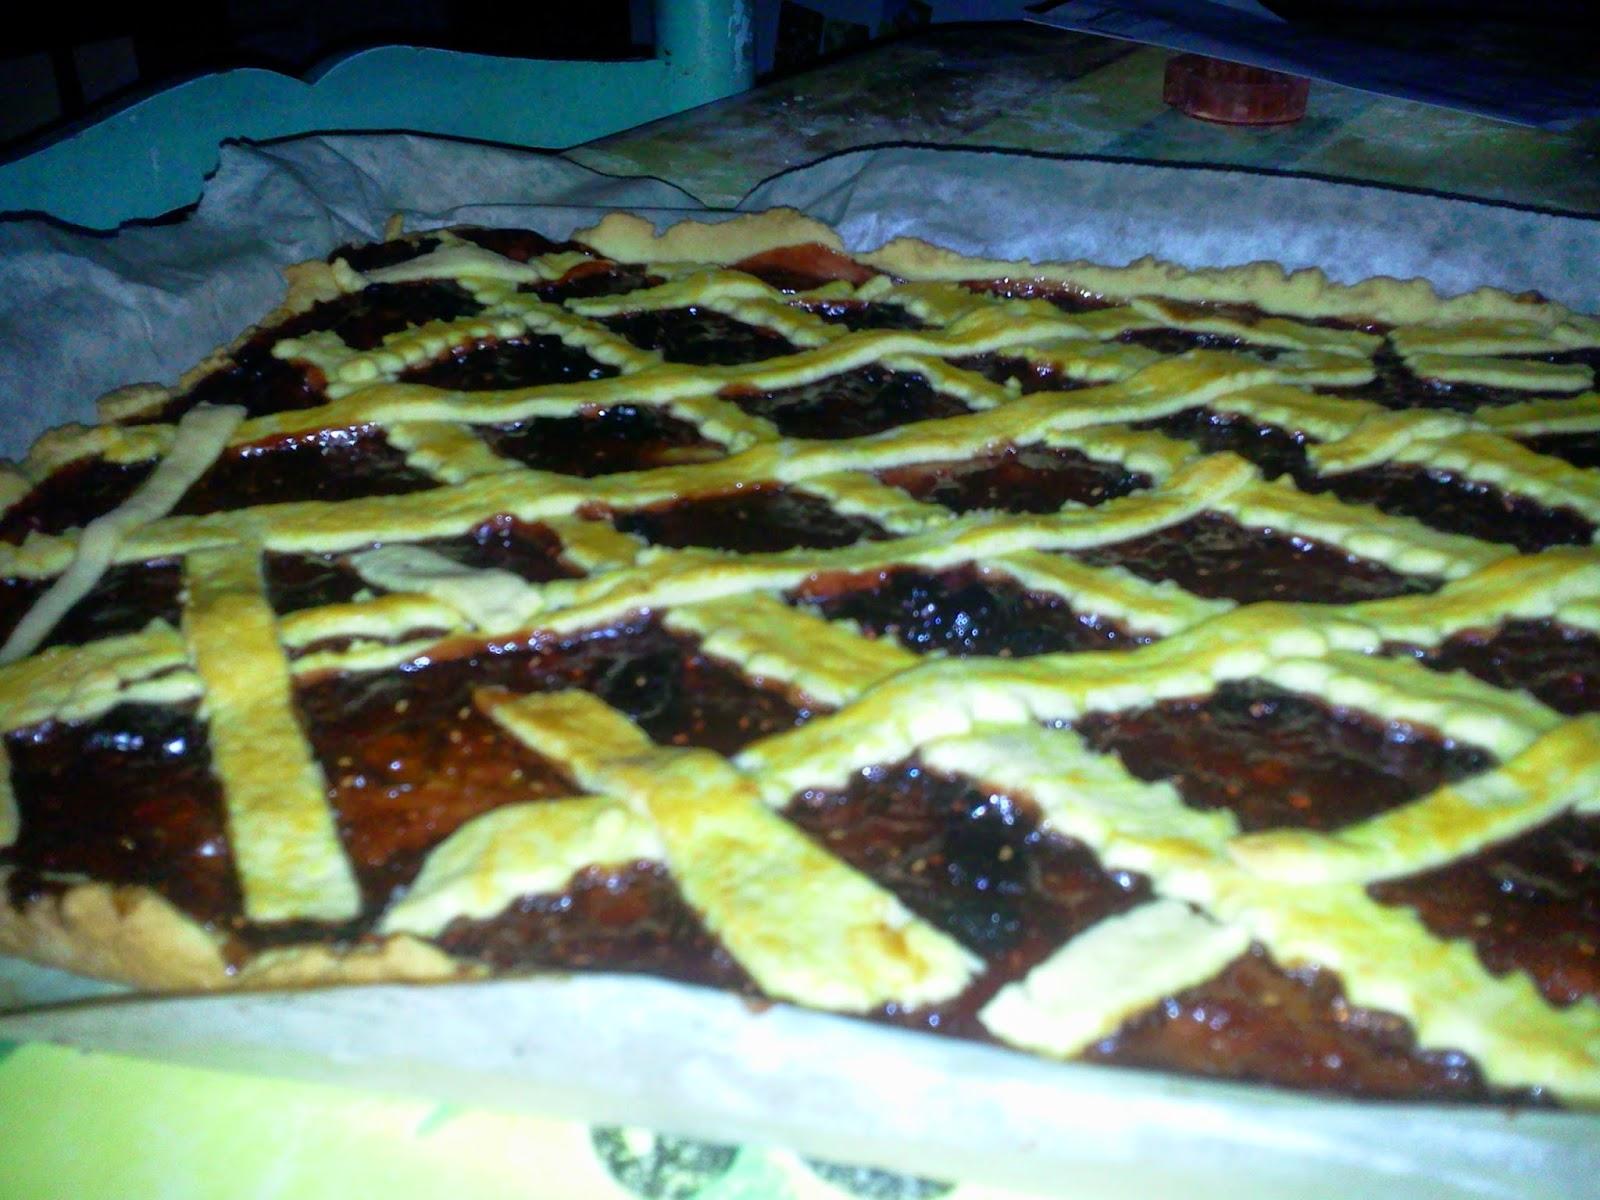 tartelettes de Linz tartes recette pâtisserie confiture mûres framboises